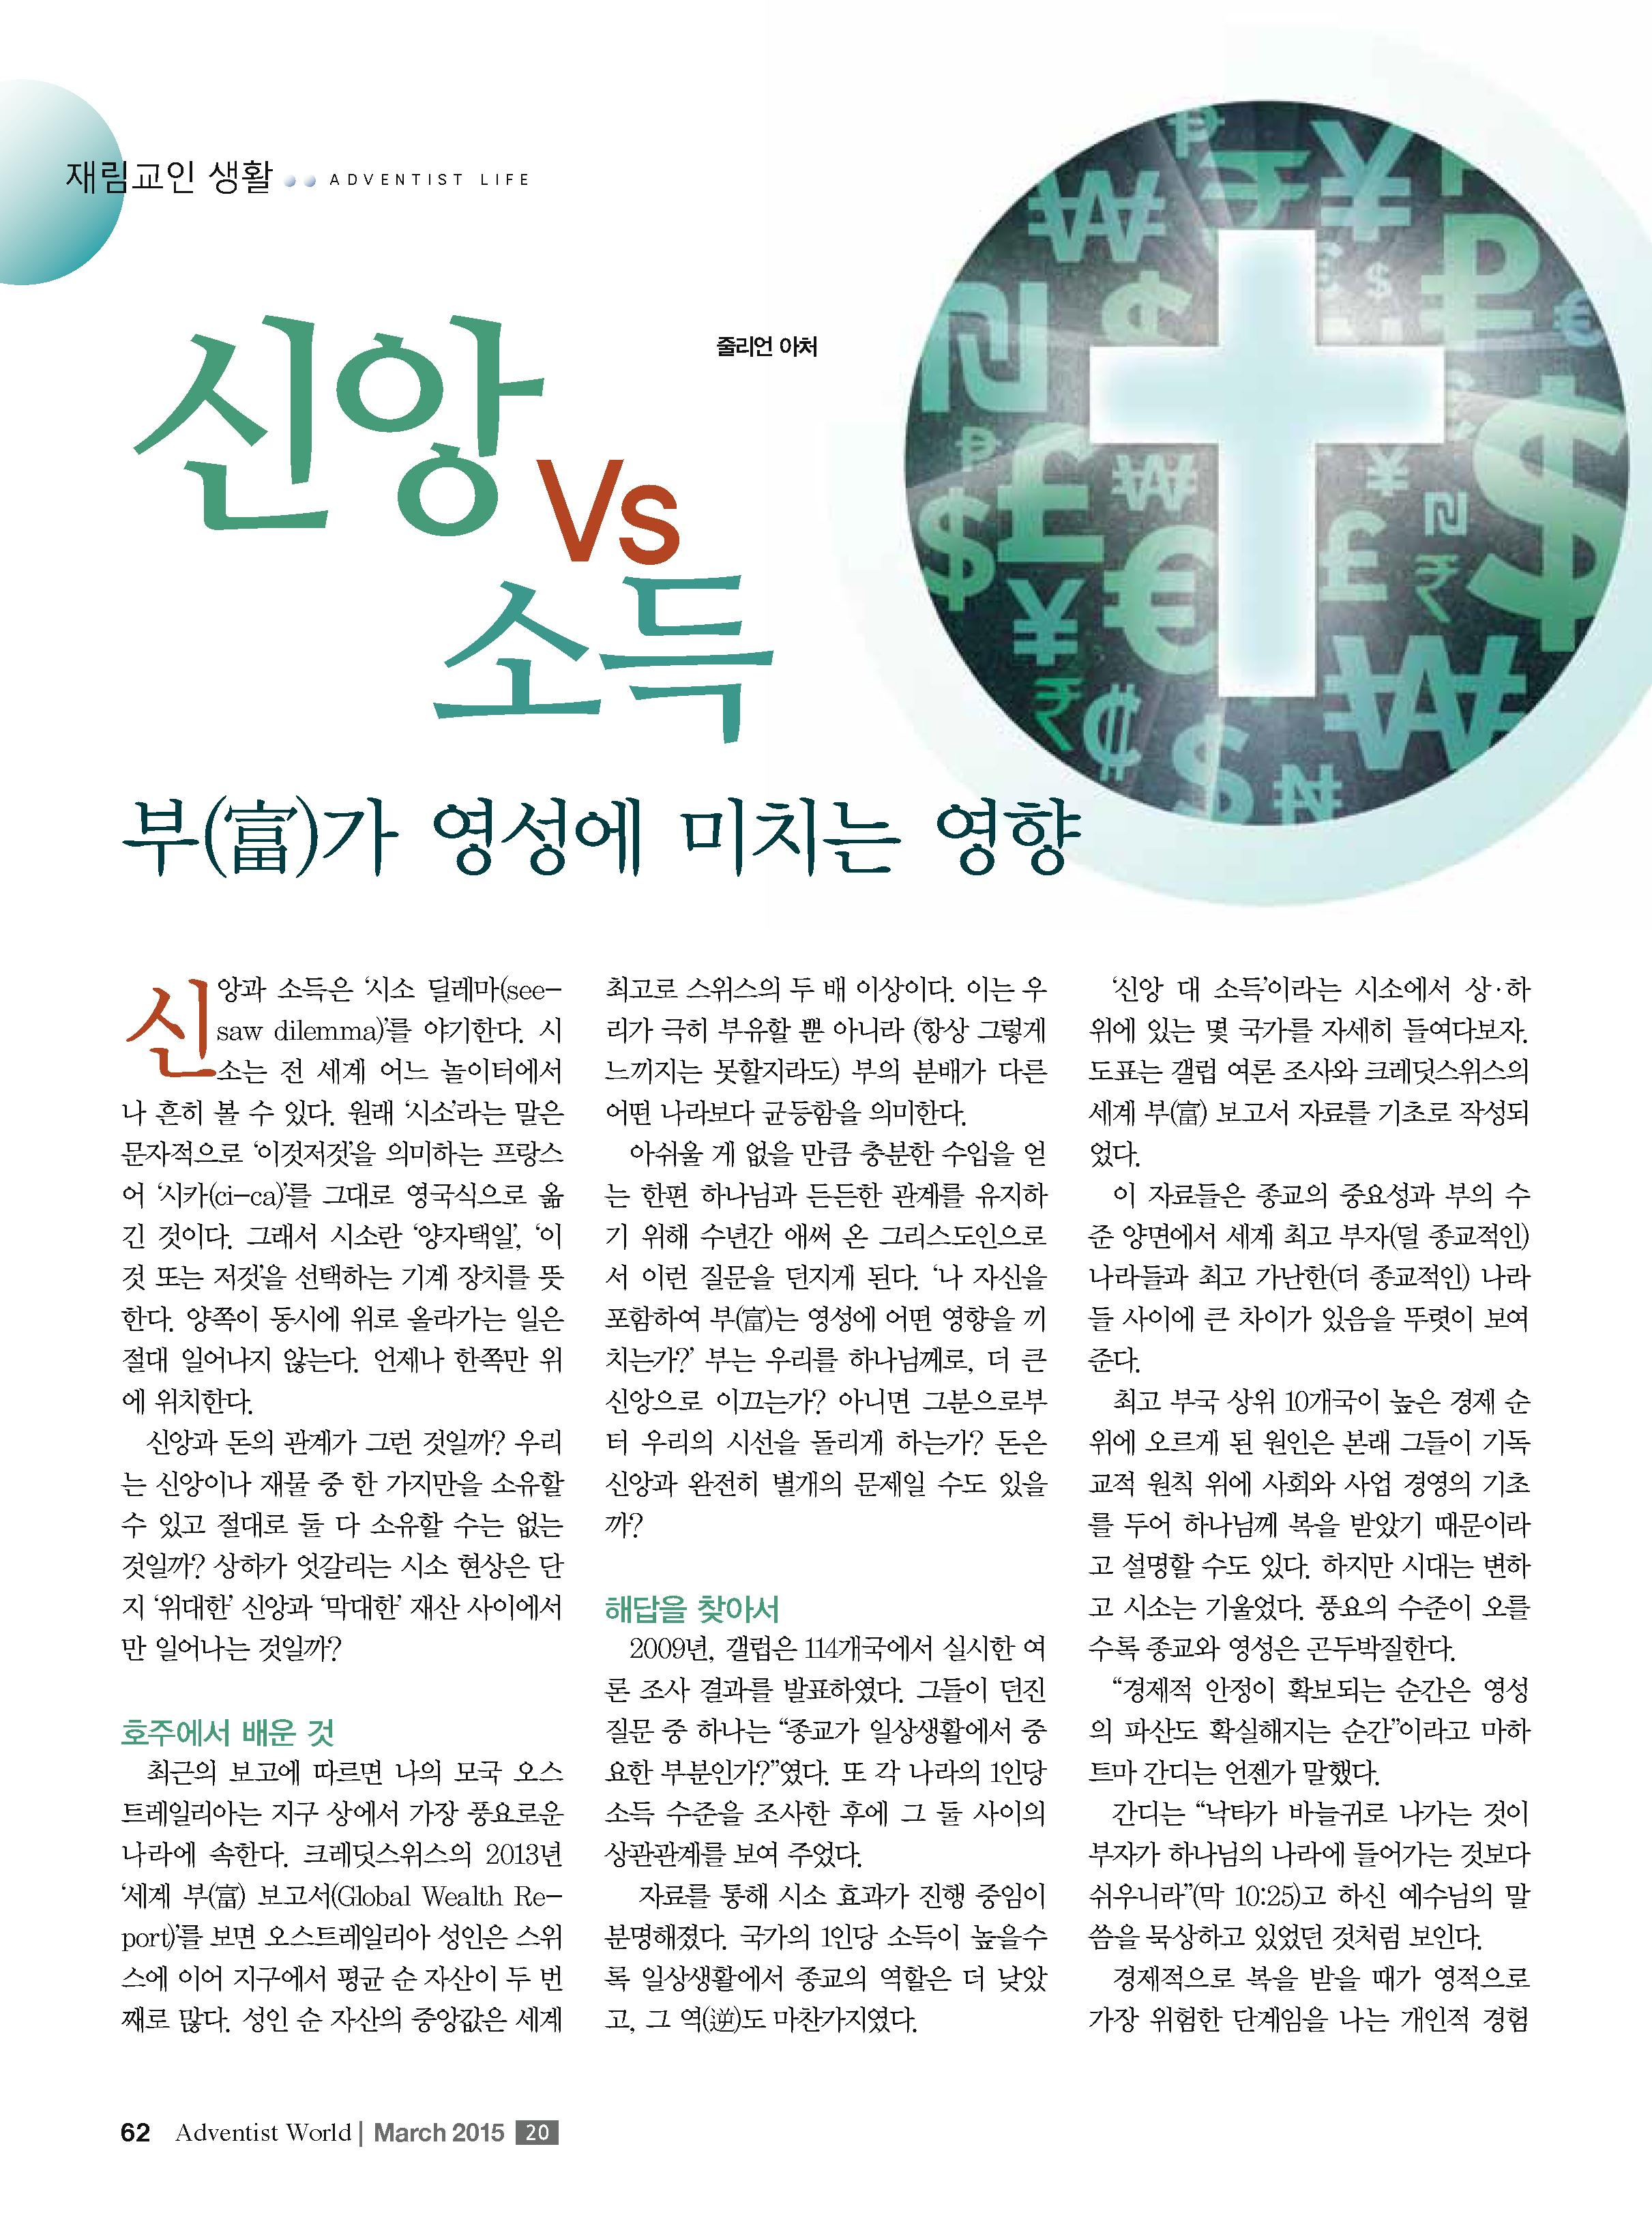 신앙 VS 소득